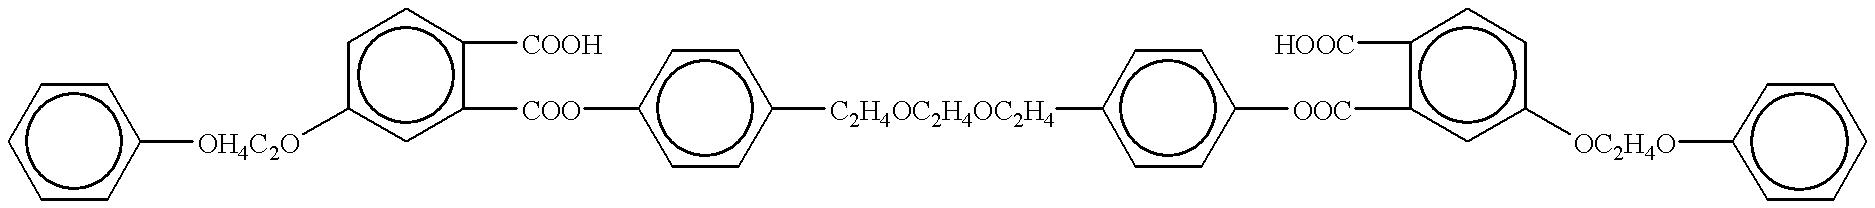 Figure US06180560-20010130-C00219